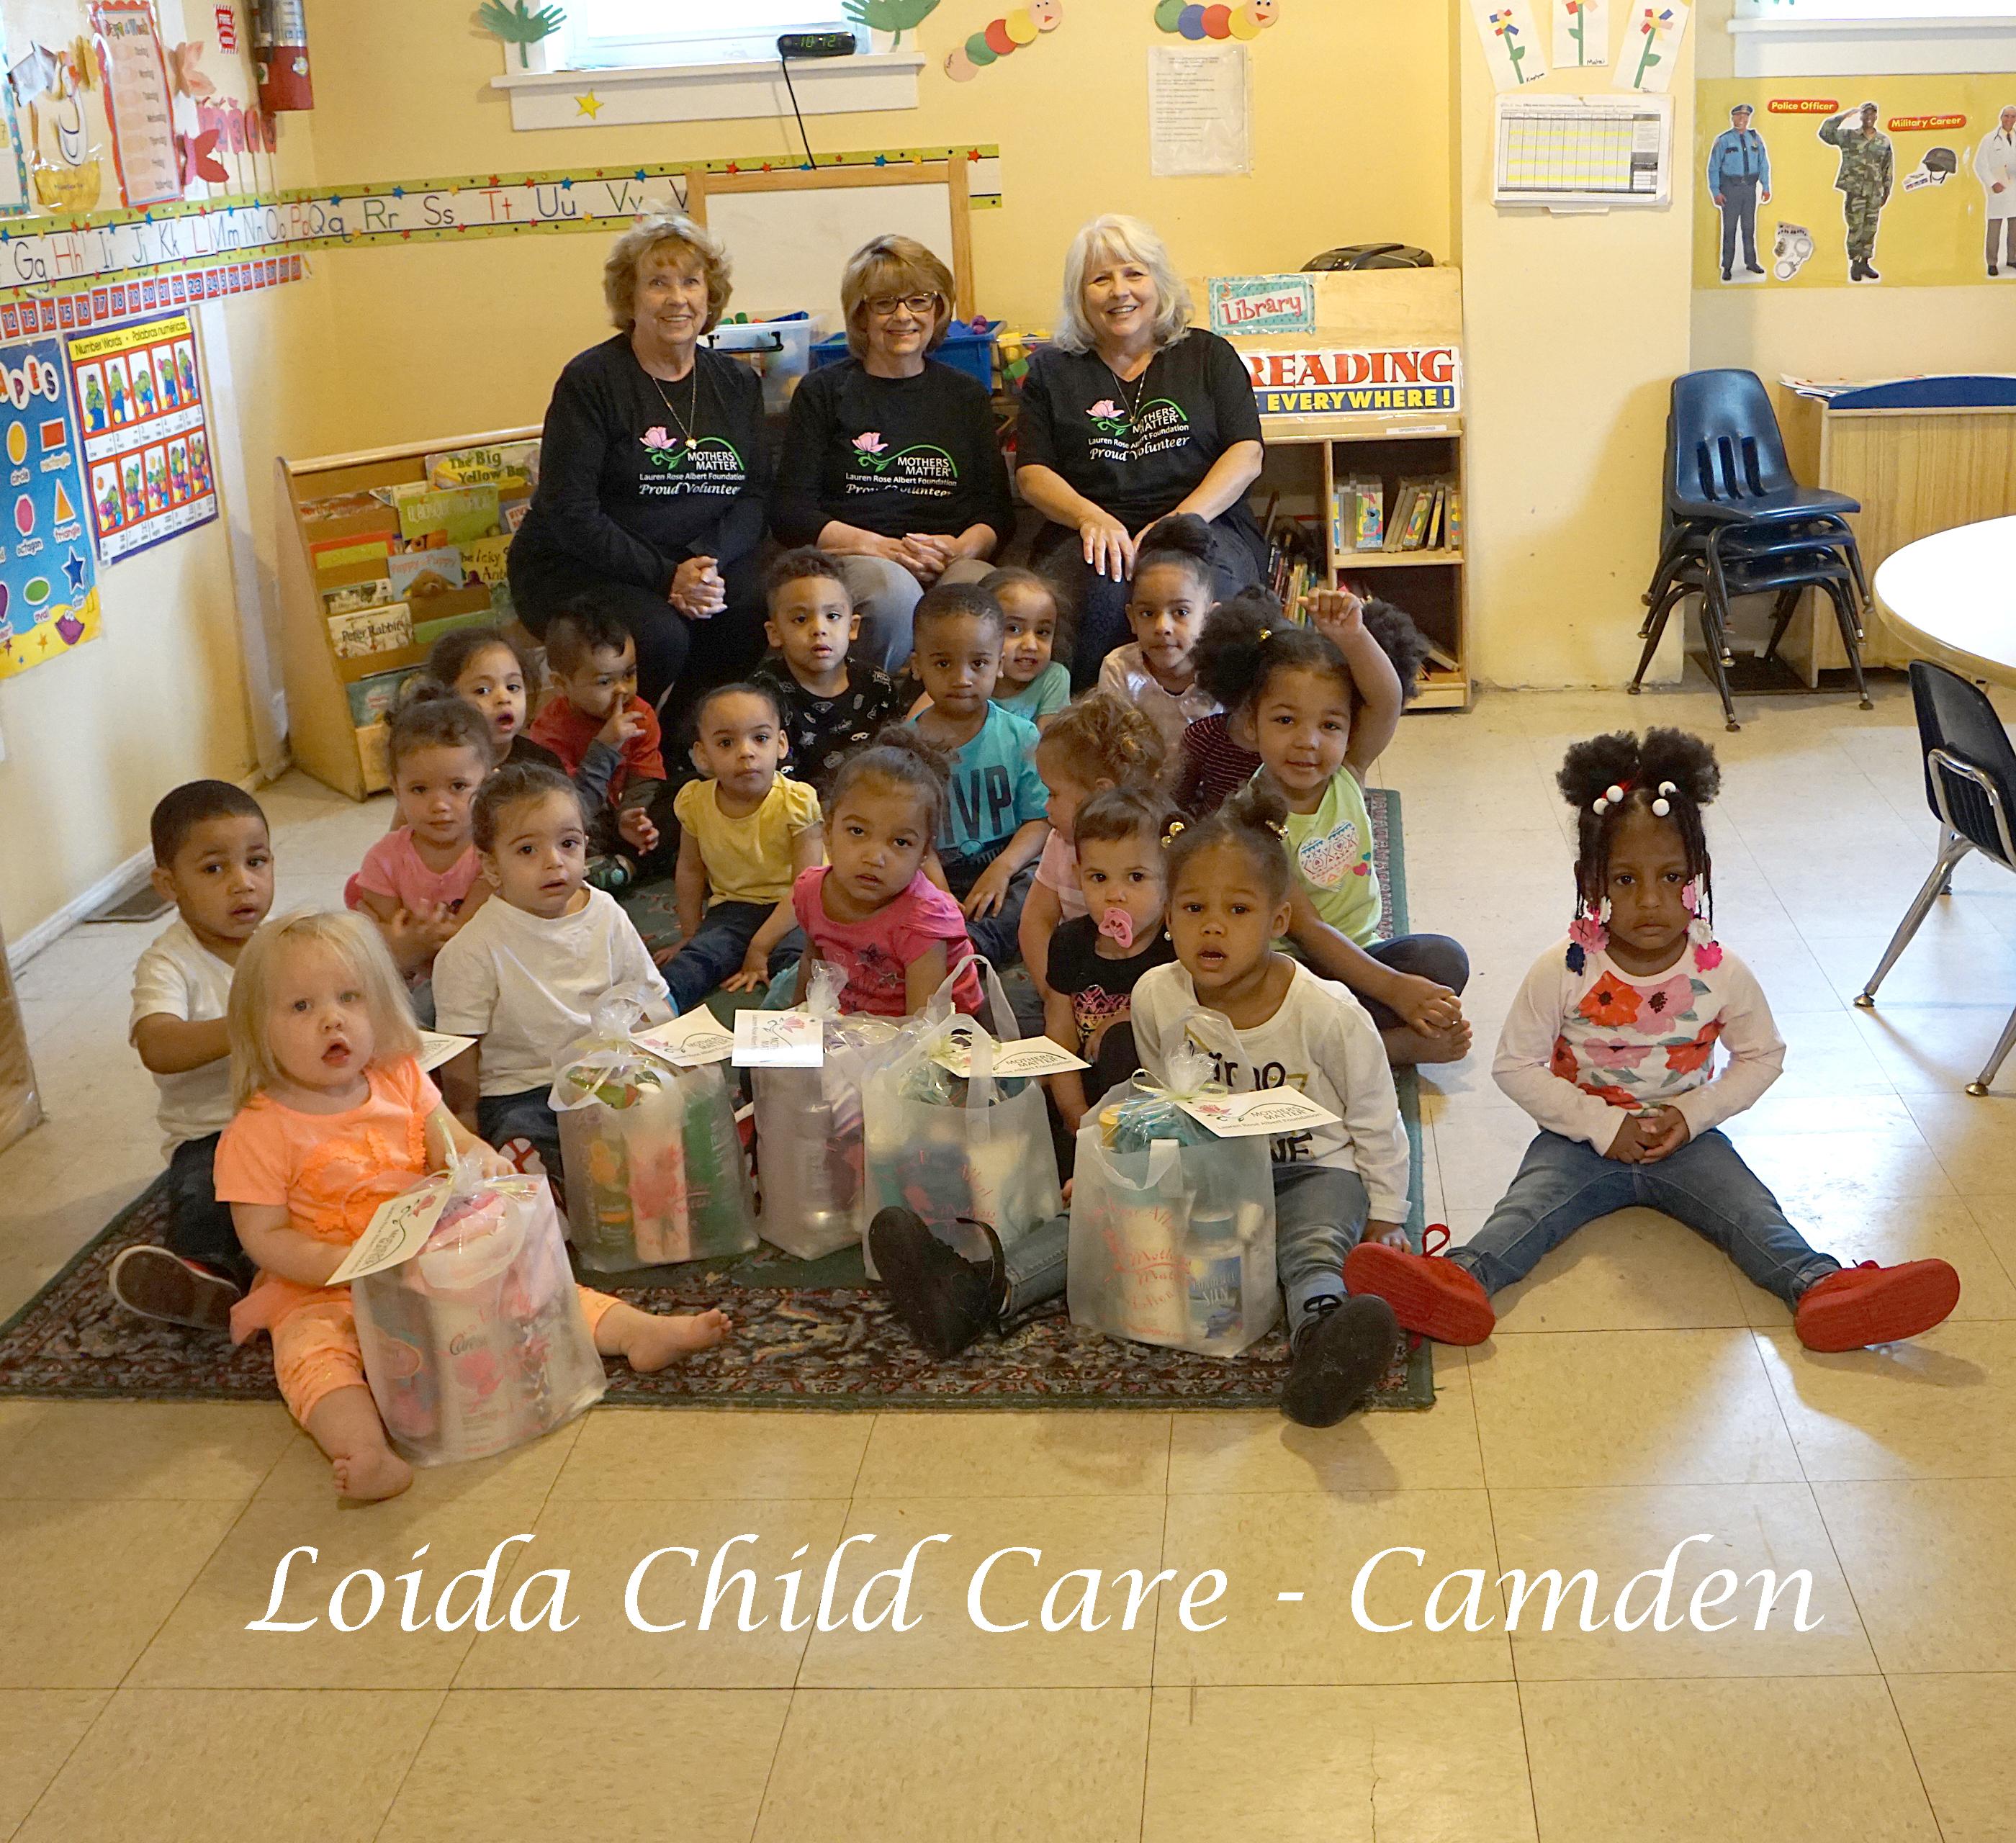 Loida Child Care - Camden